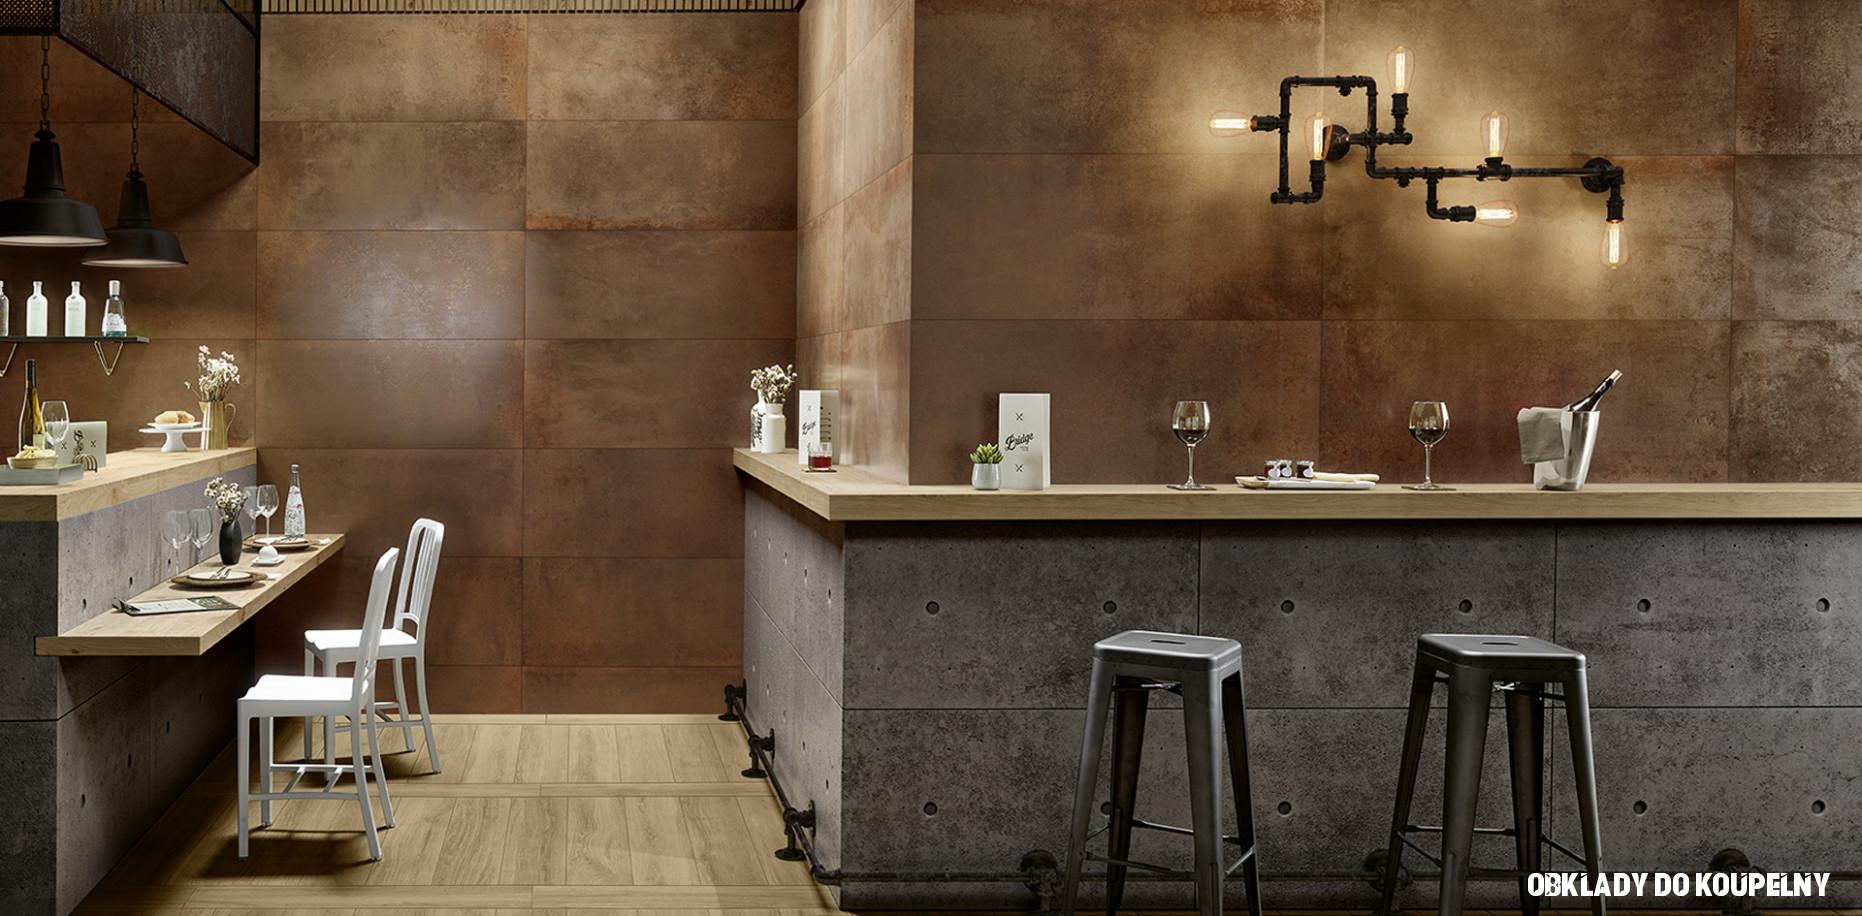 24 Nejlepší fotografie nápady z Obklady do koupelny